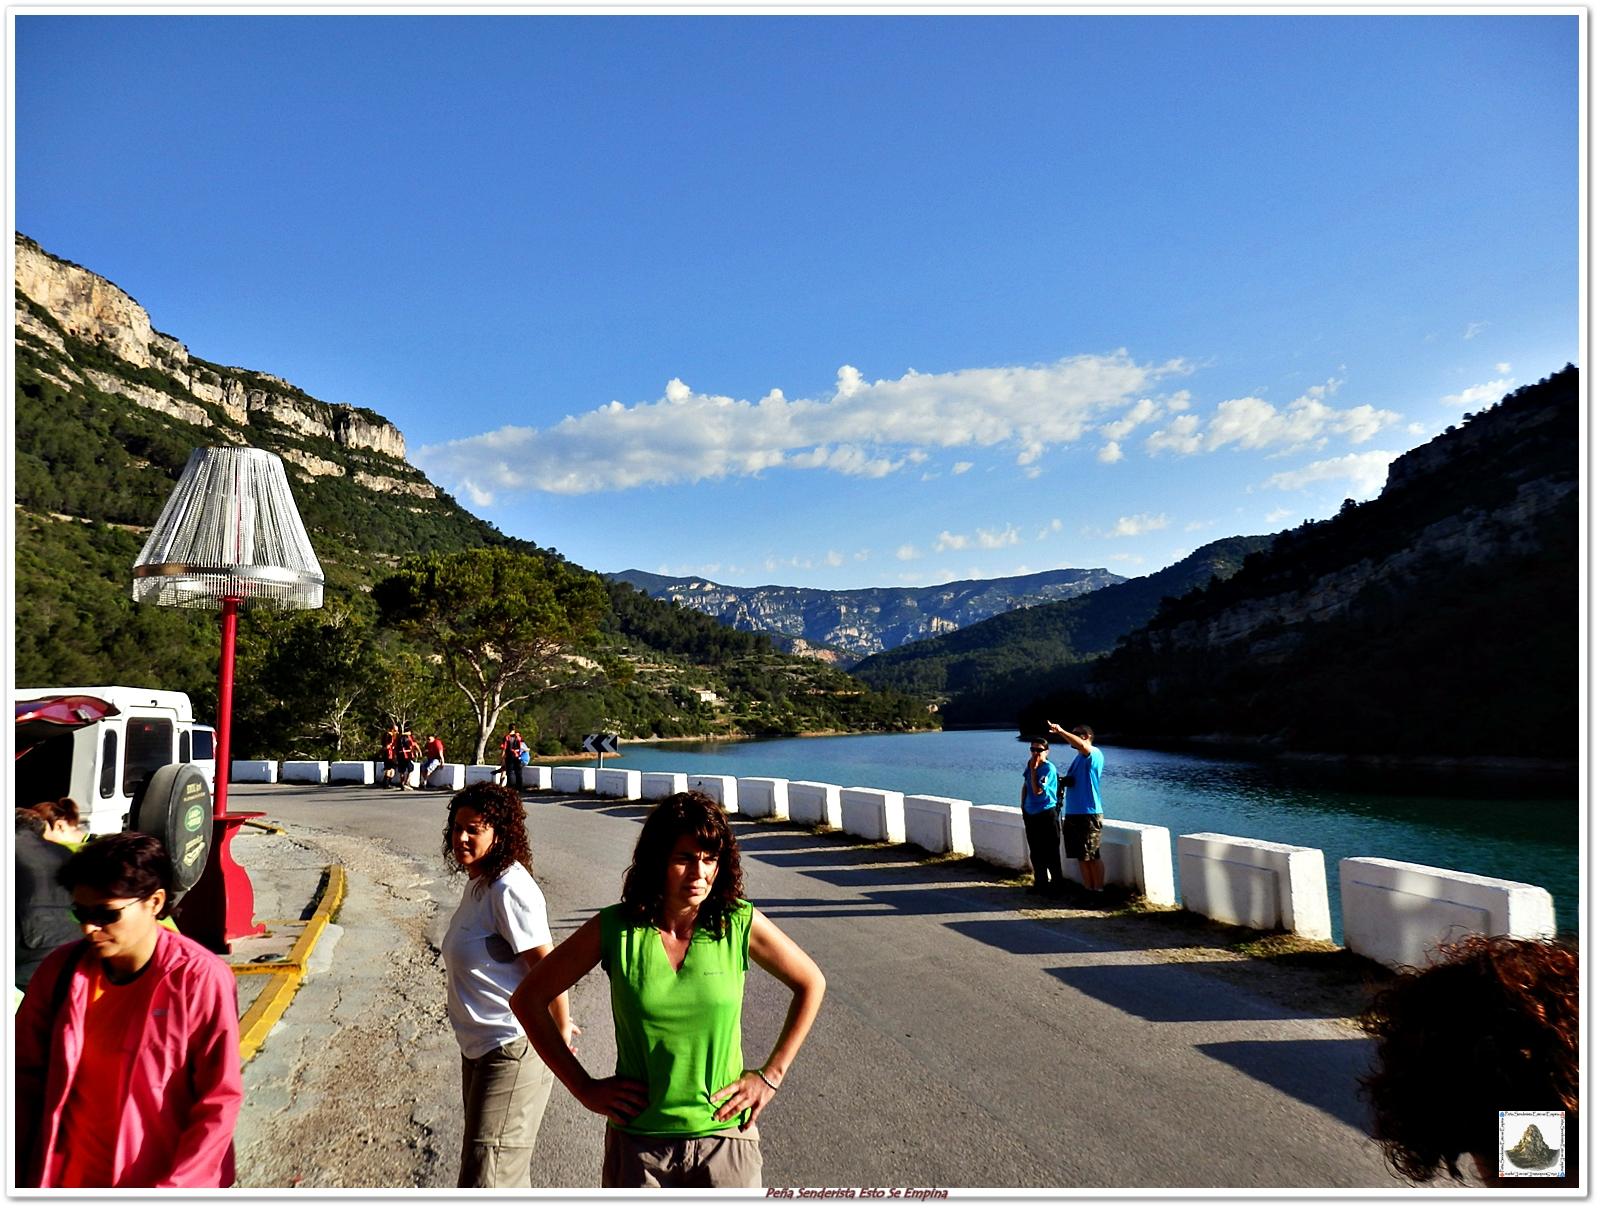 Pe a senderista esto se empina por el parque natural dels ports 16 06 13 - El tiempo en la senia tarragona ...